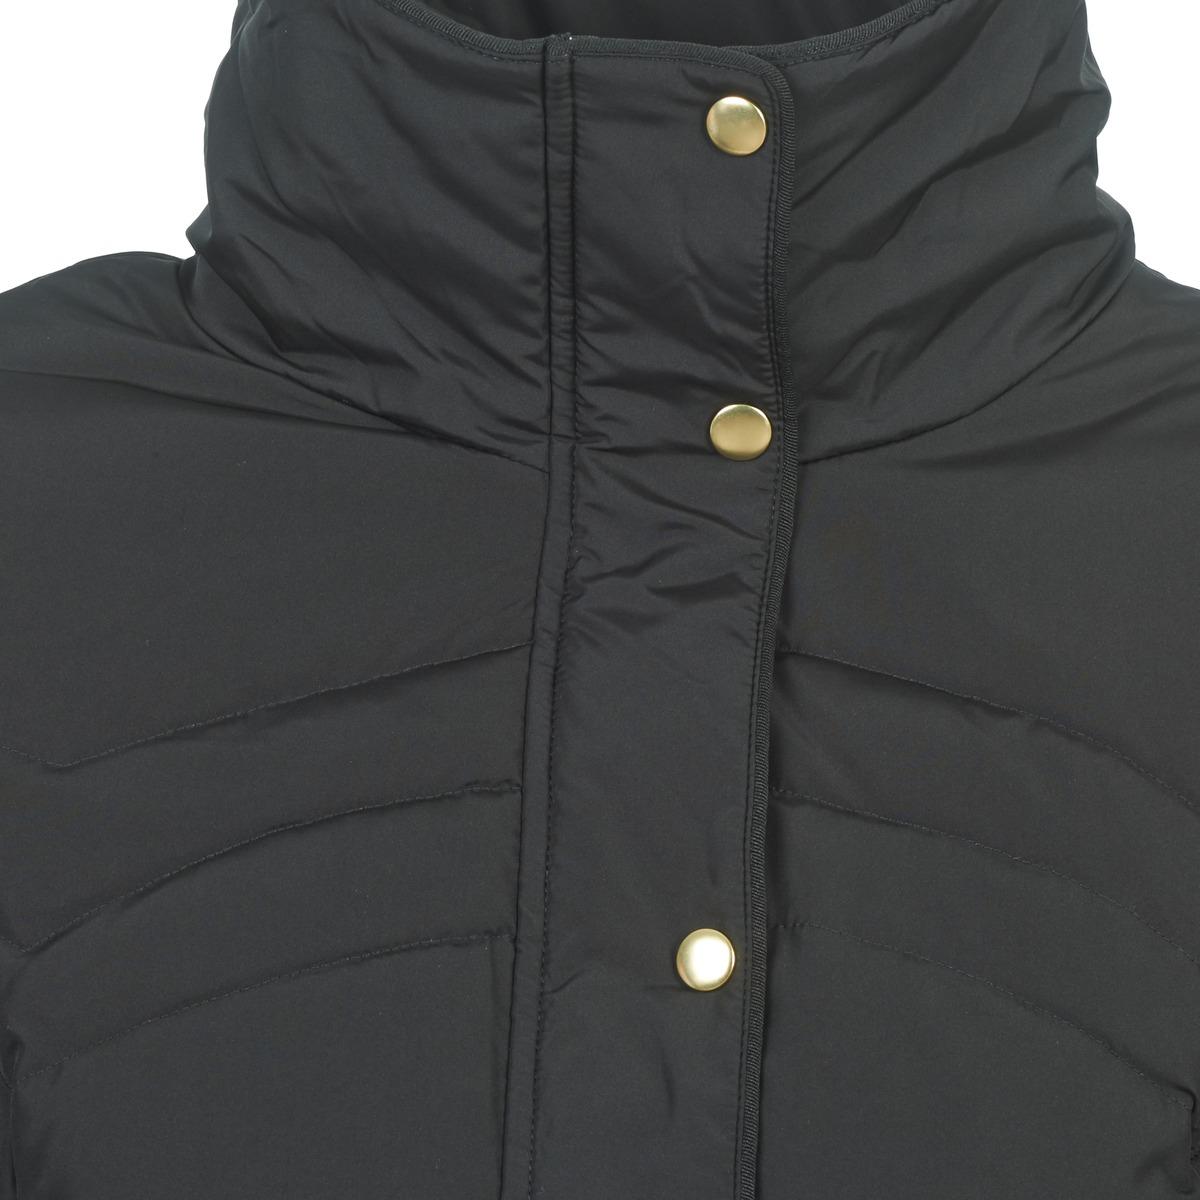 Vila Vilonar Down Noir - Livraison Gratuite Vêtements Doudounes Femme 79,96 €